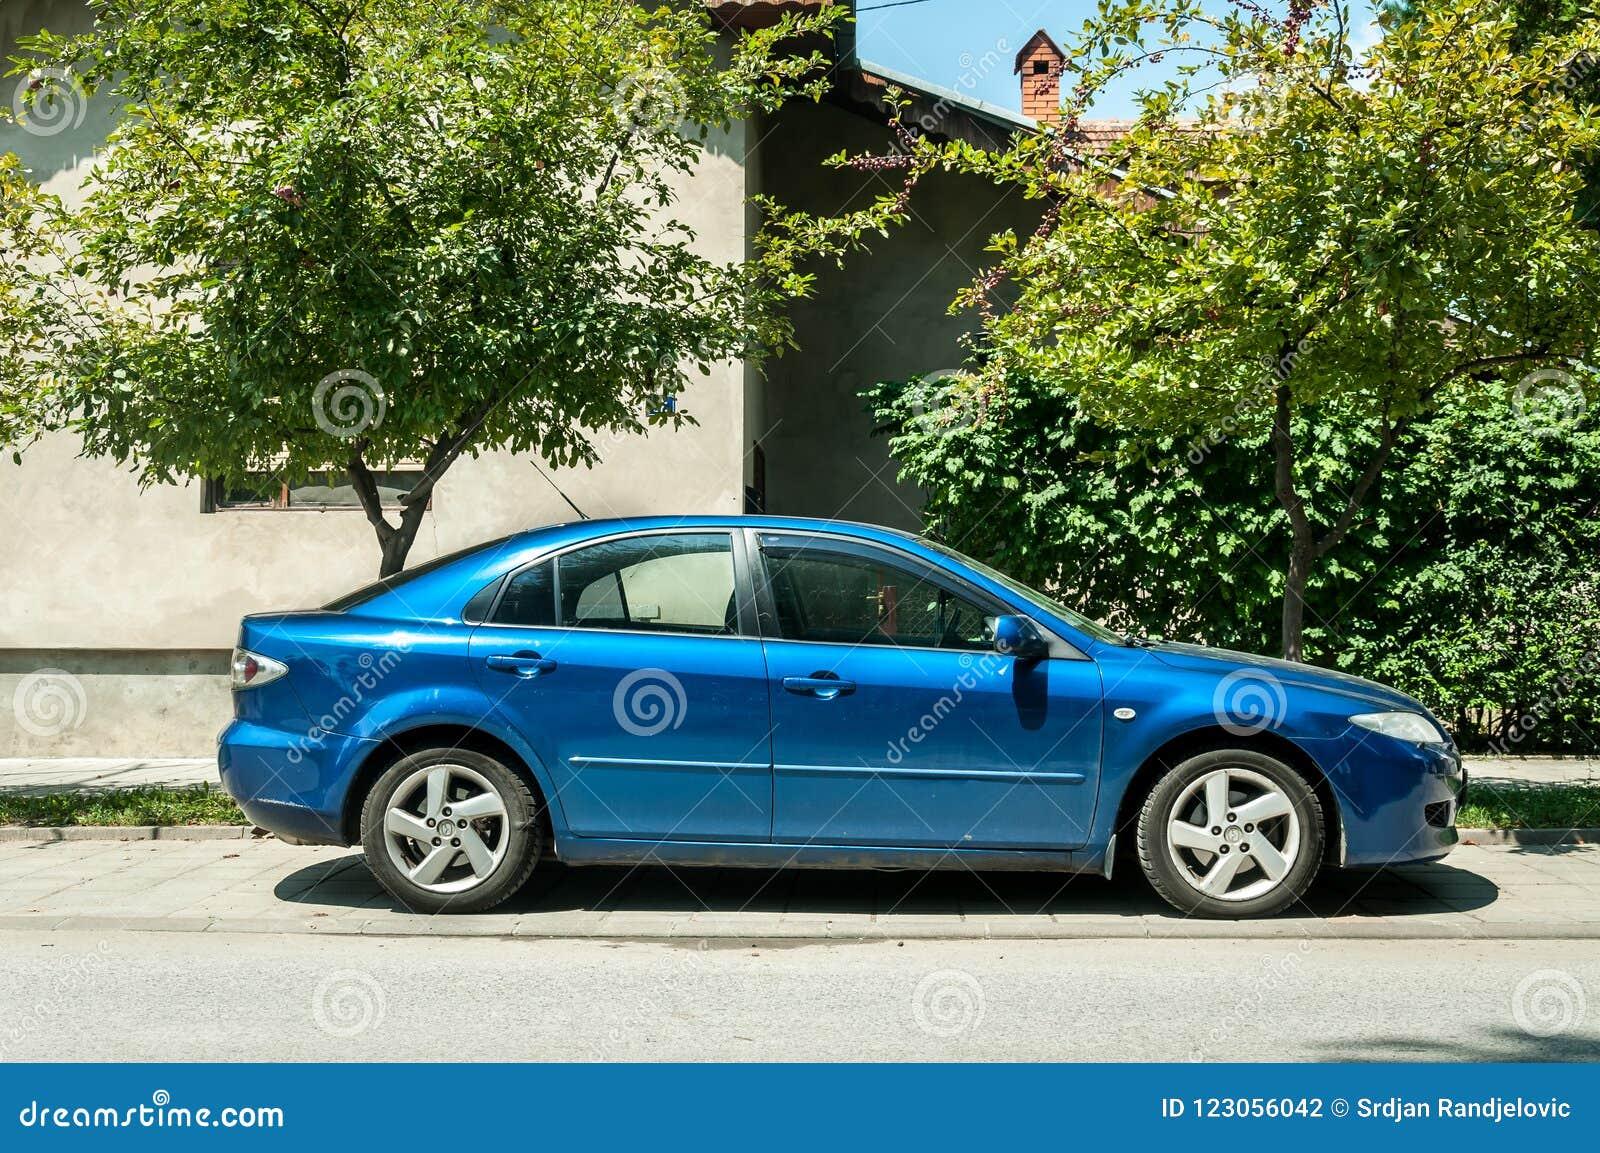 Η χρησιμοποιημένη μπλε Mazda 6 αυτοκίνητο που σταθμεύουν στην οδό στην πόλη